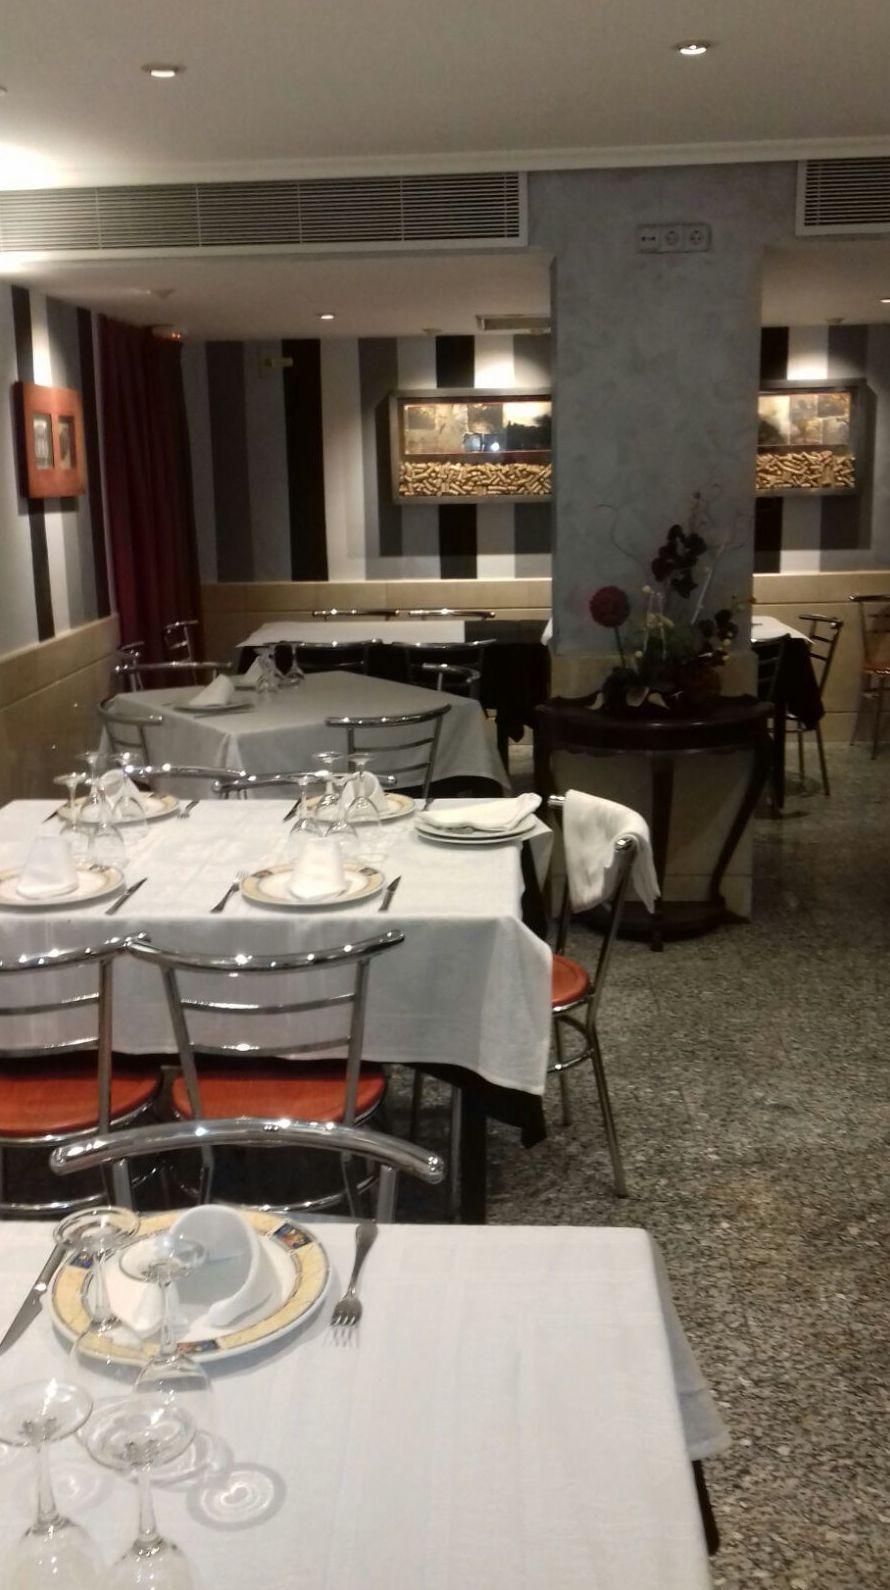 Restaurantes con buen menú en Huesca